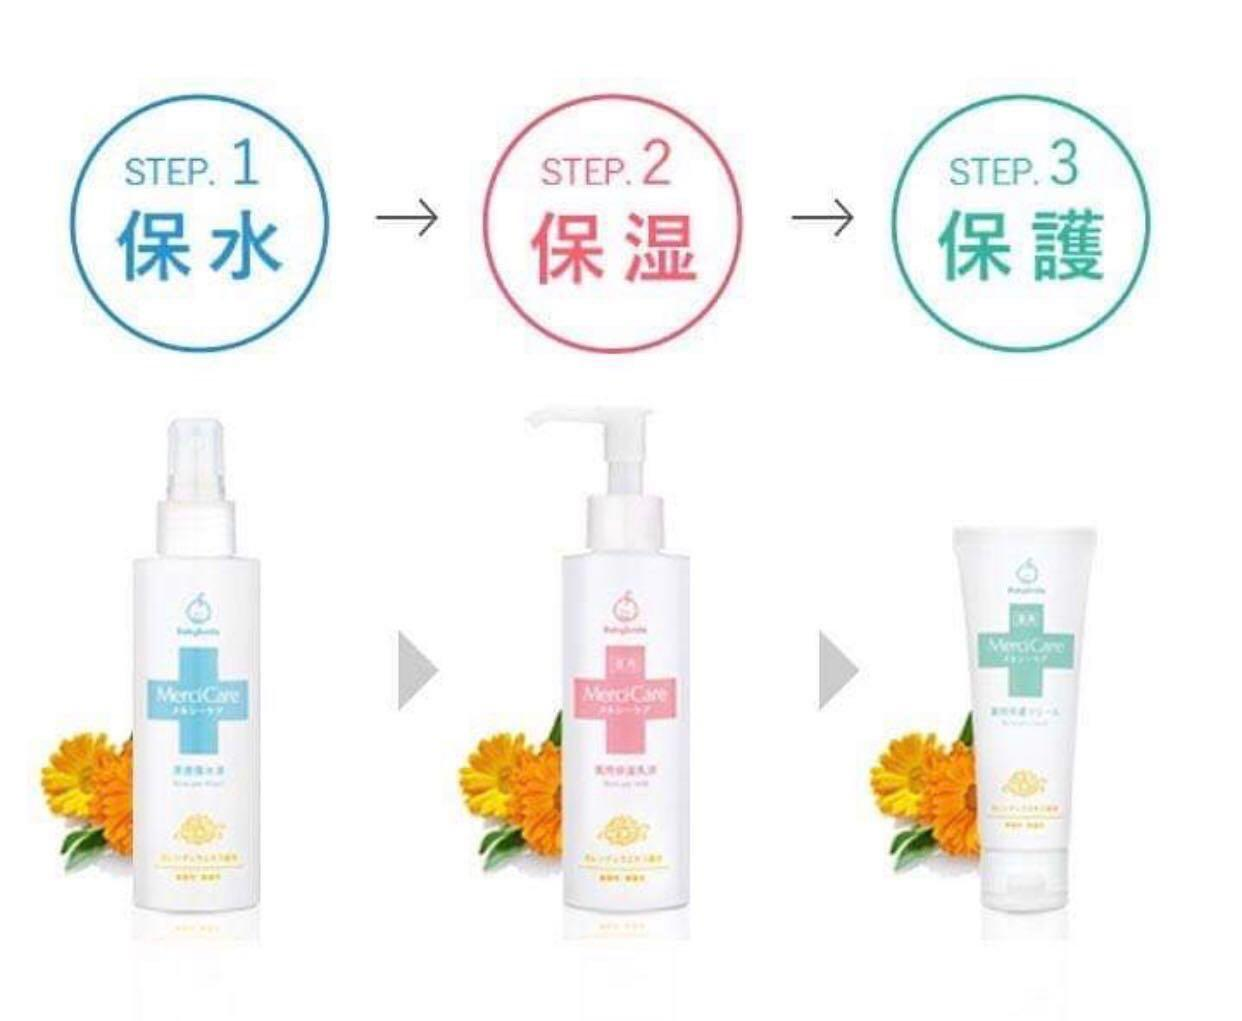 日本 Babysmile Mercicare 濕疹保濕套裝